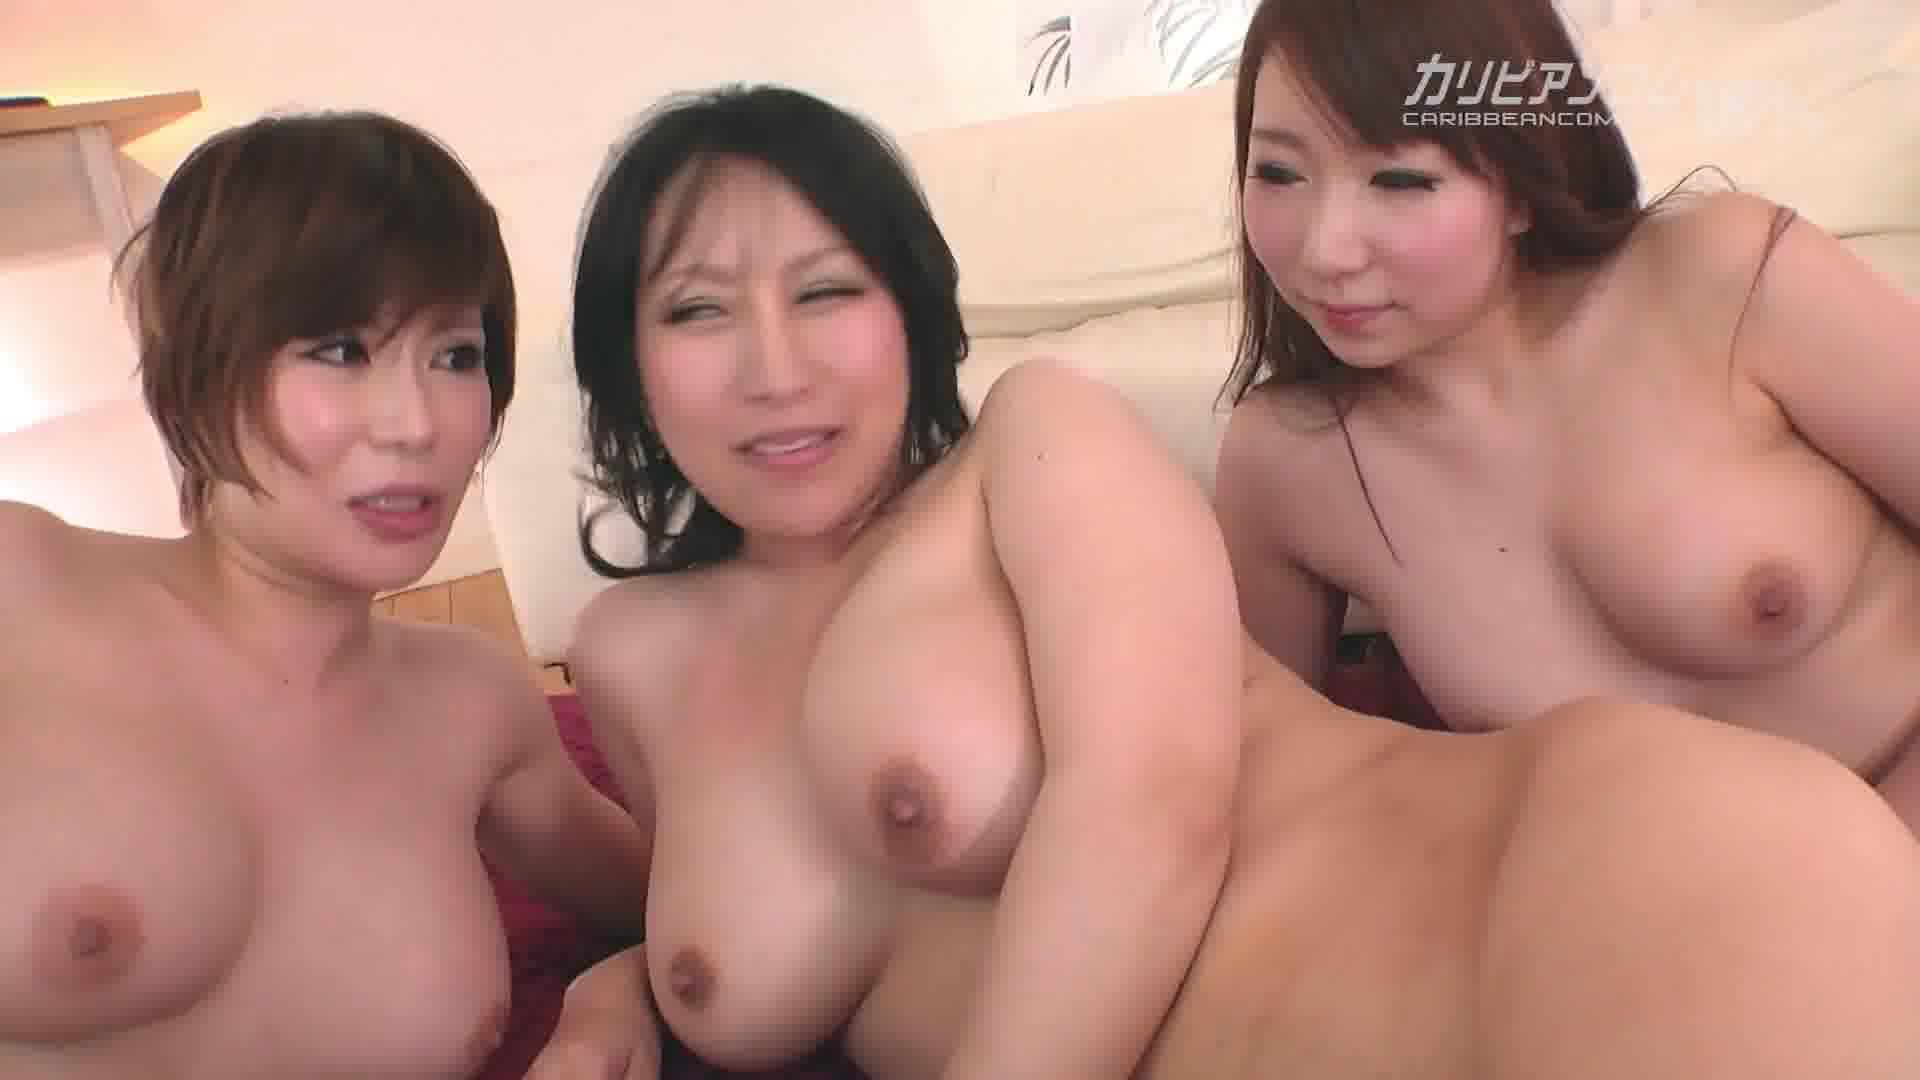 巨乳で痴女で絶品ボディの女たち Vol.9 - あやなれい【乱交・巨乳・パイズリ】